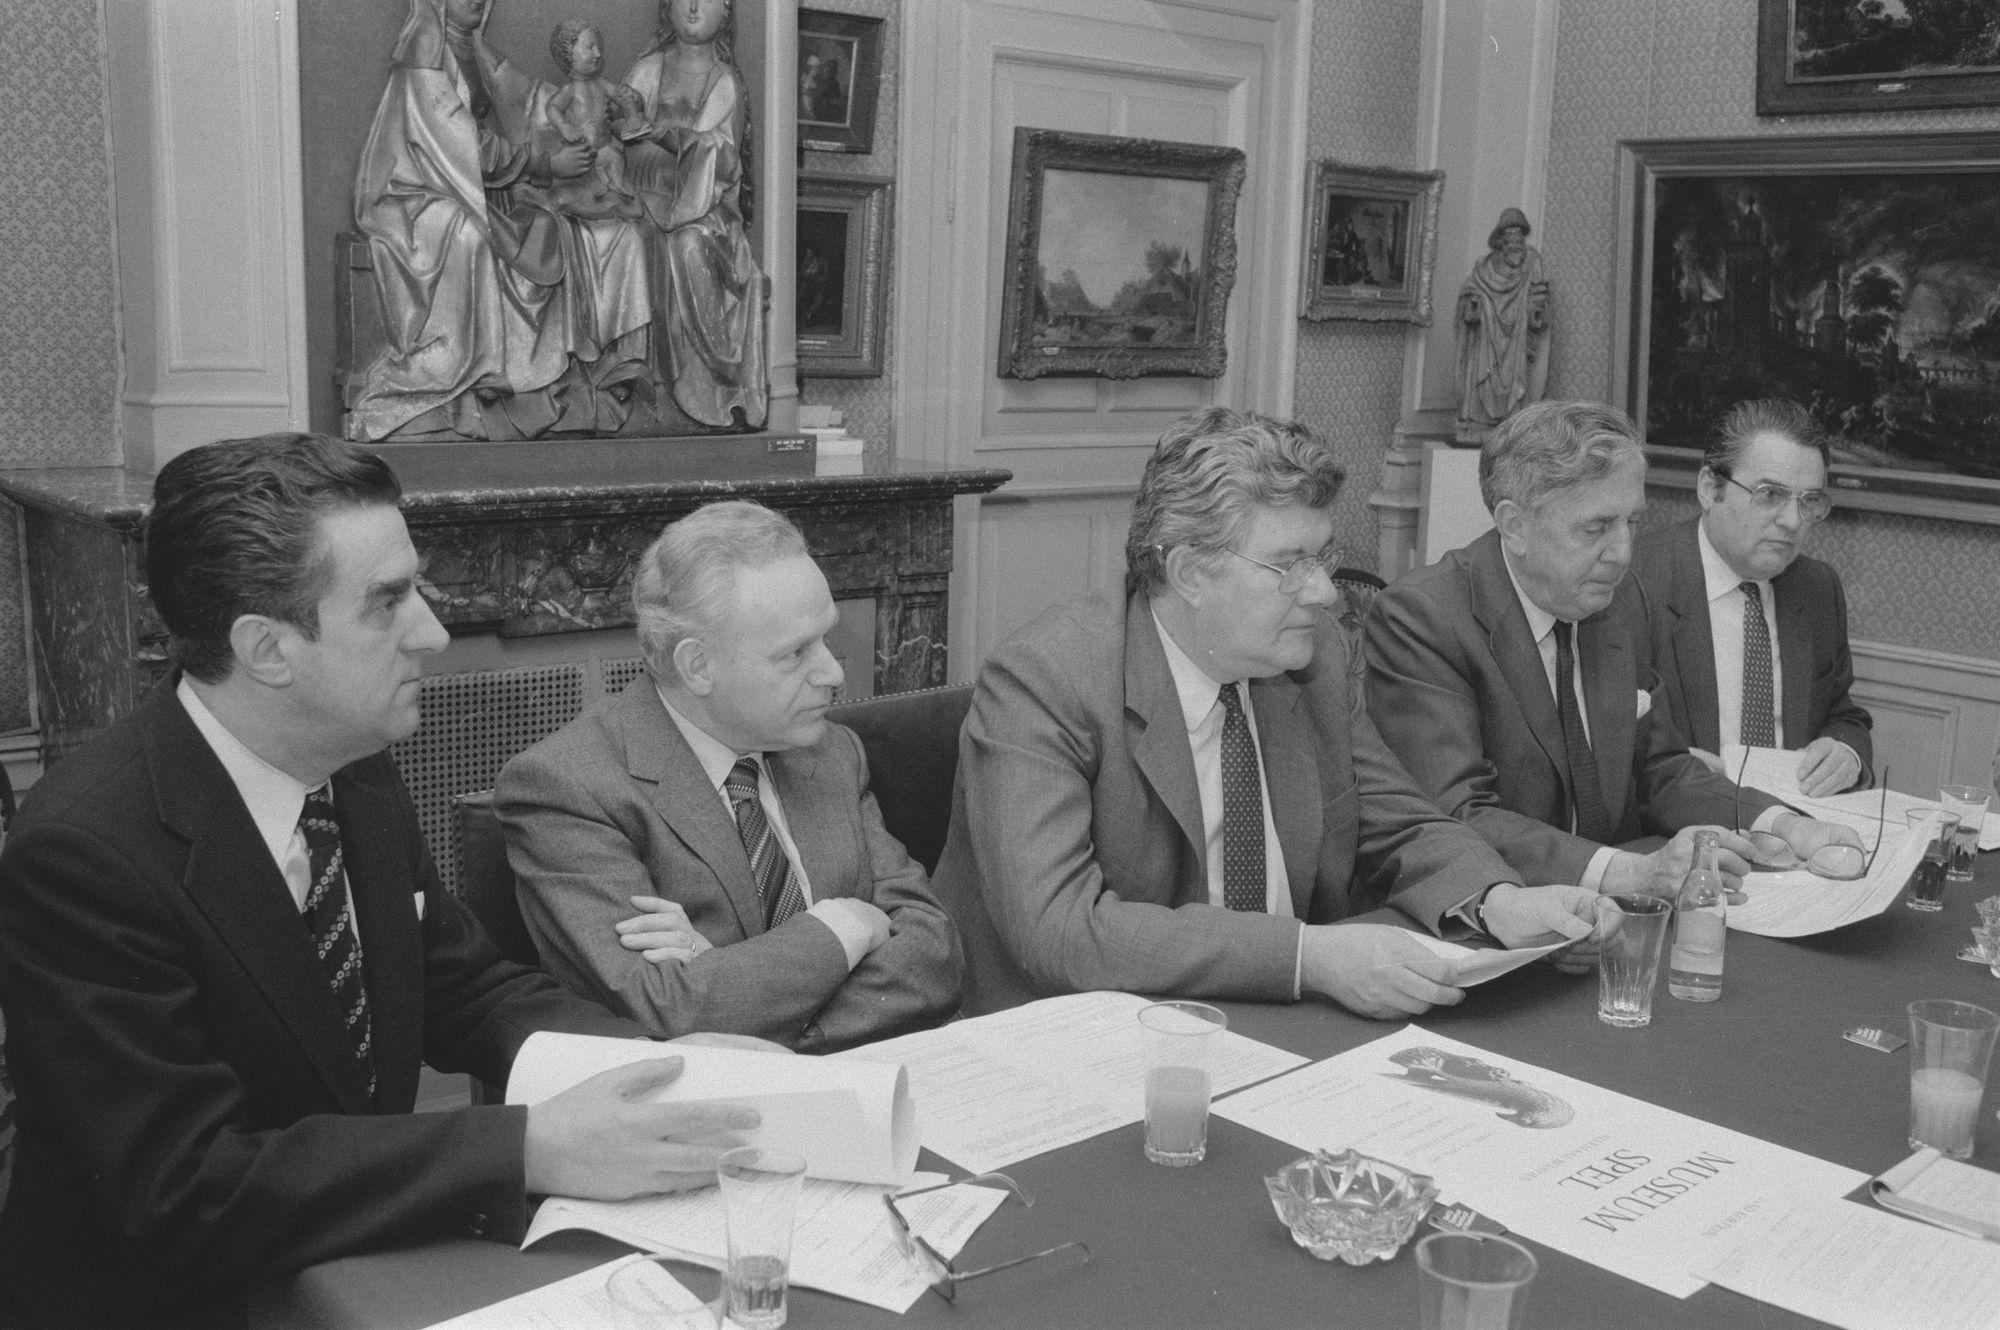 De Kortrijkse museumcommissie in 1982